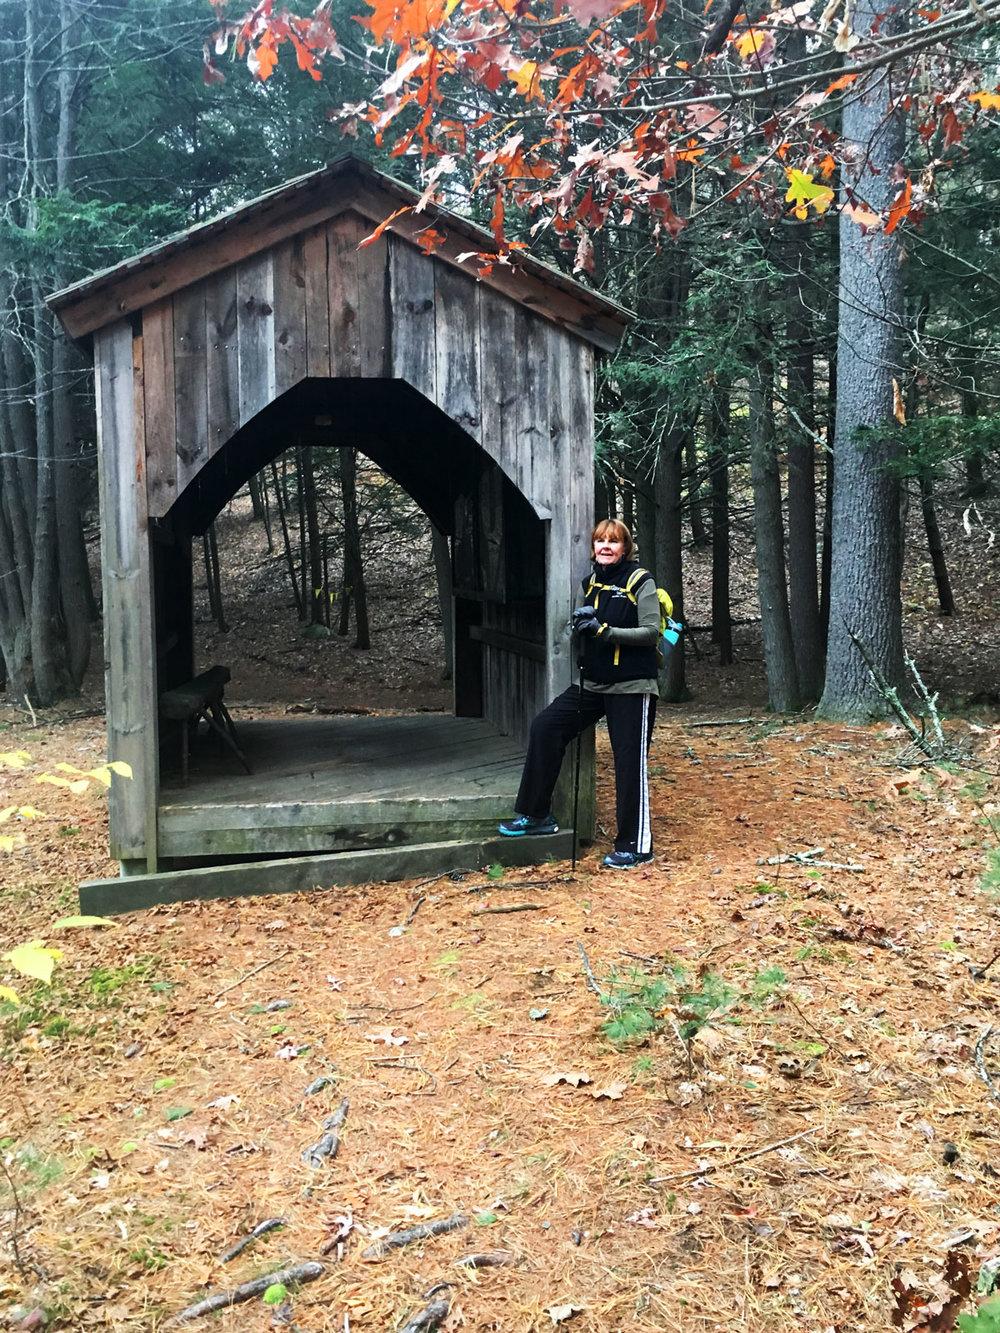 Timberframe hut along the trail